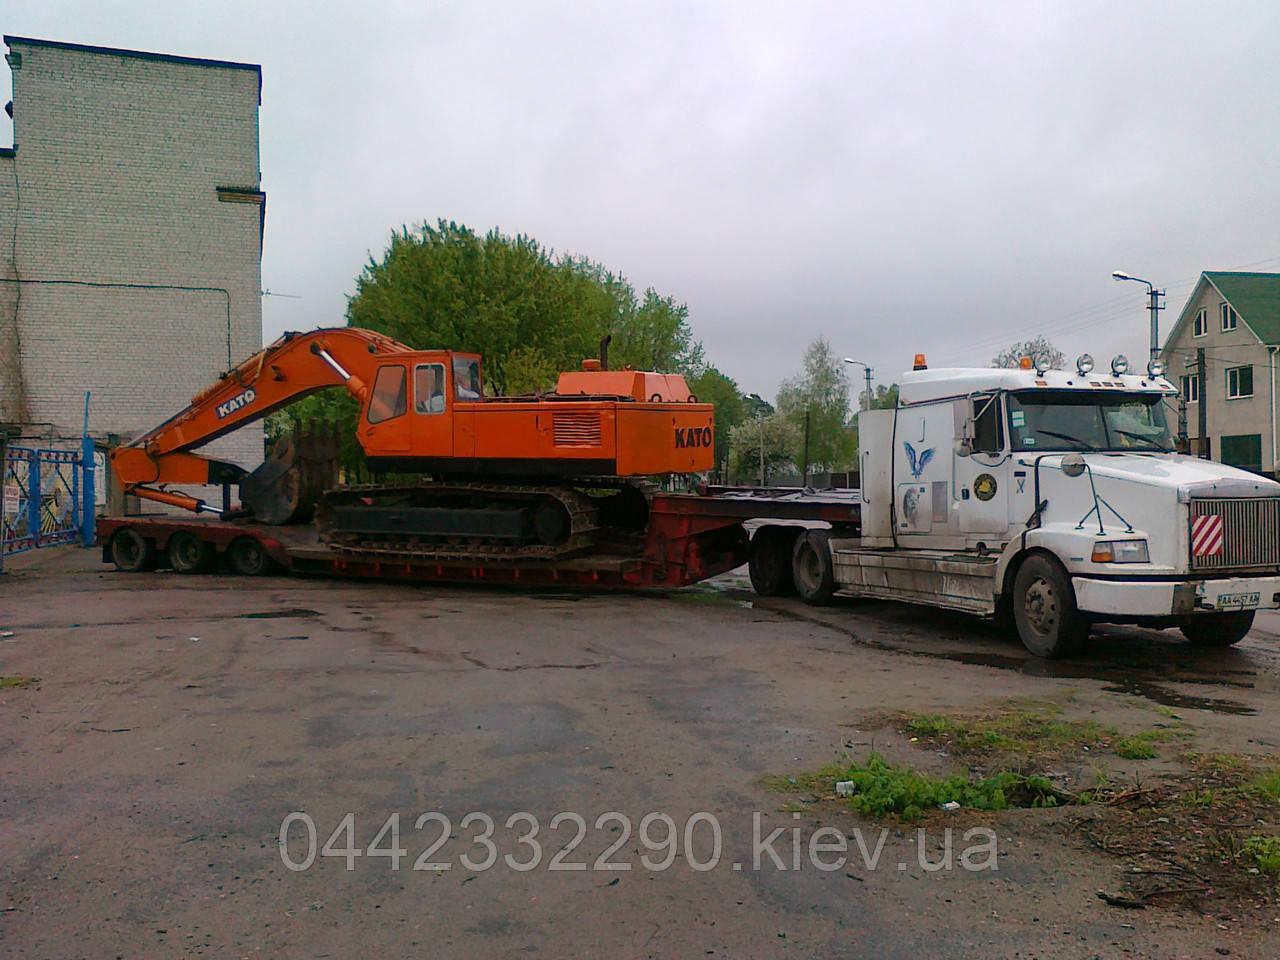 Перевезення негабаритних вантажів Київ - Україна